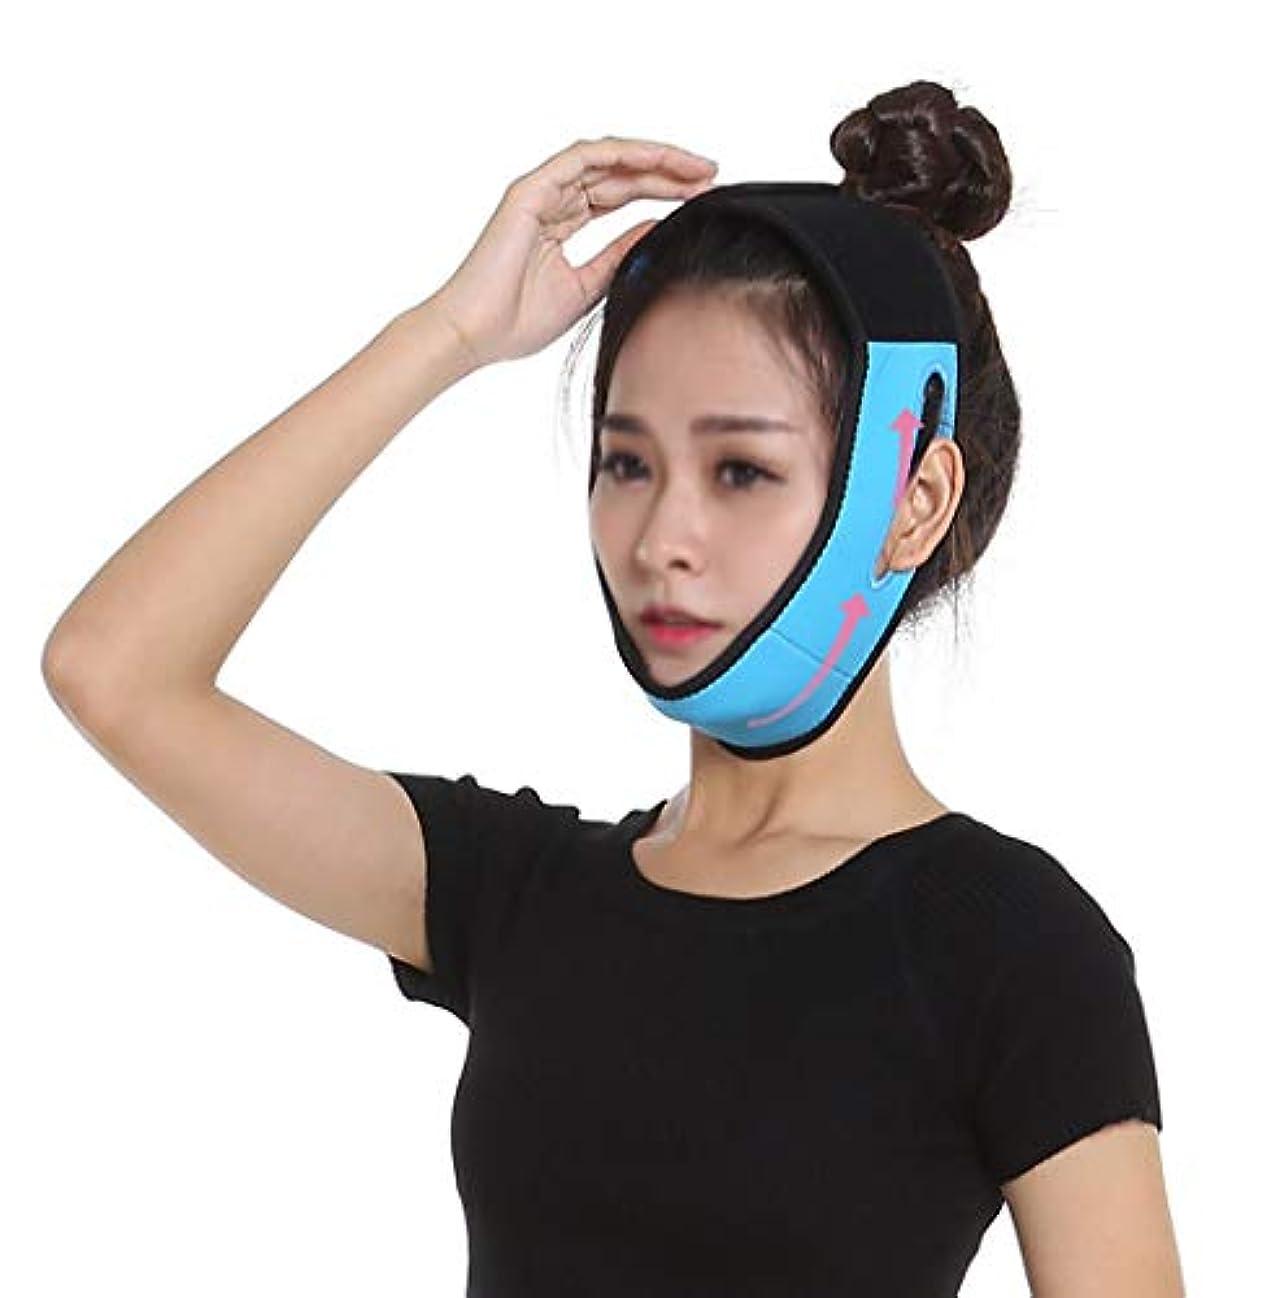 悪因子ペルセウス出くわすGLJJQMY 痩身ベルトマスクVフェイシャルアーティファクトマッサージマスクあごの筋肉の収縮を強化し、簡単にV面タイトブルータイト包帯を形作る 顔用整形マスク